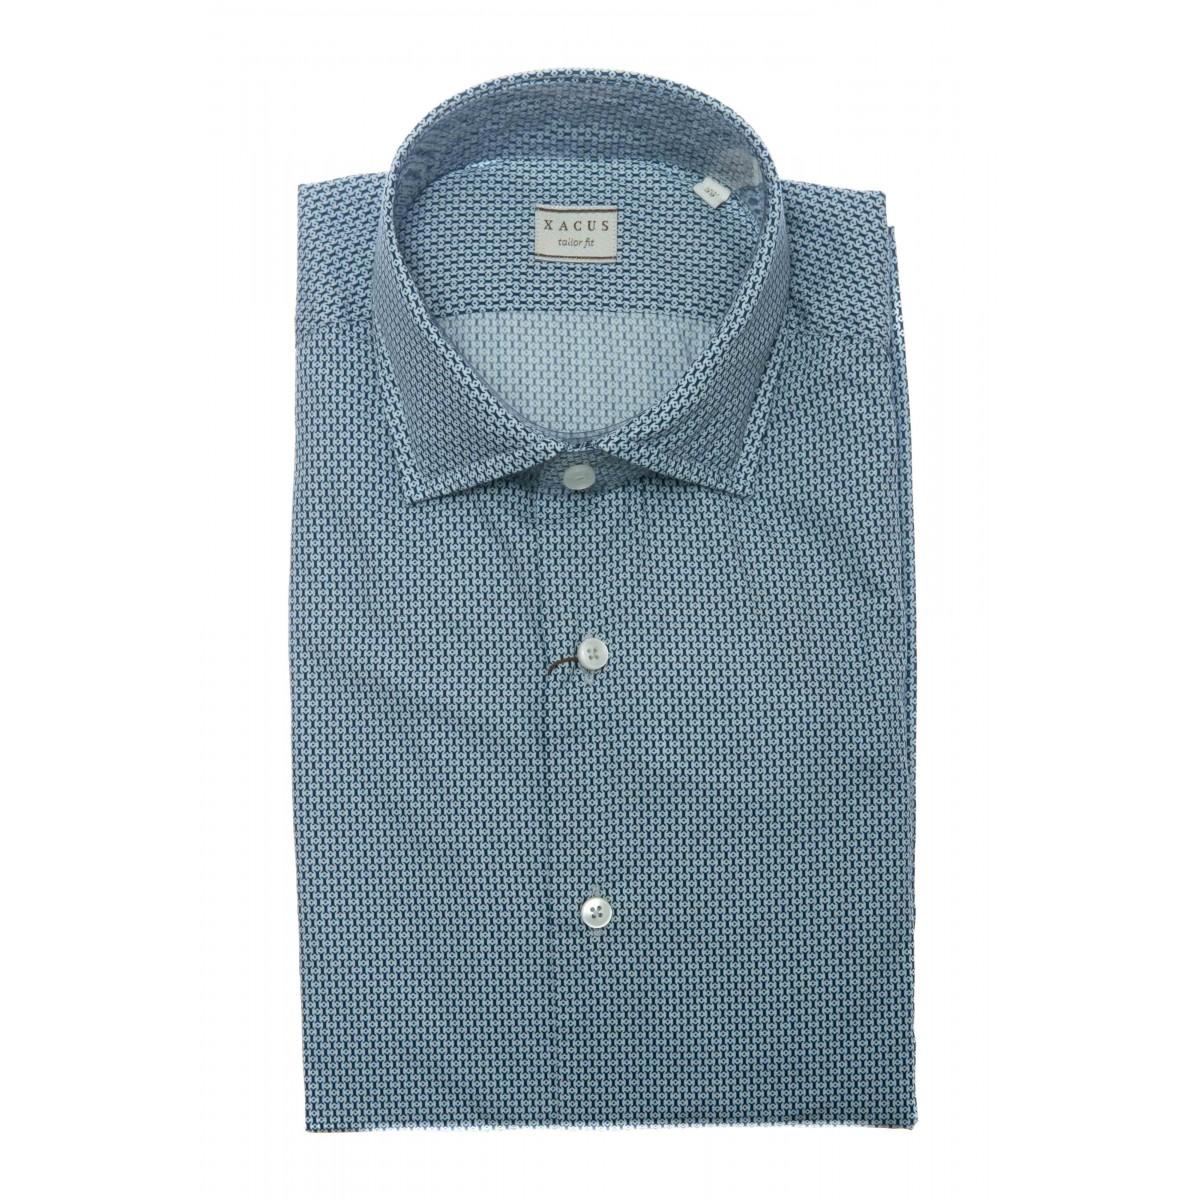 Camicia uomo - 748 71515 camicia popeline stampa lavata